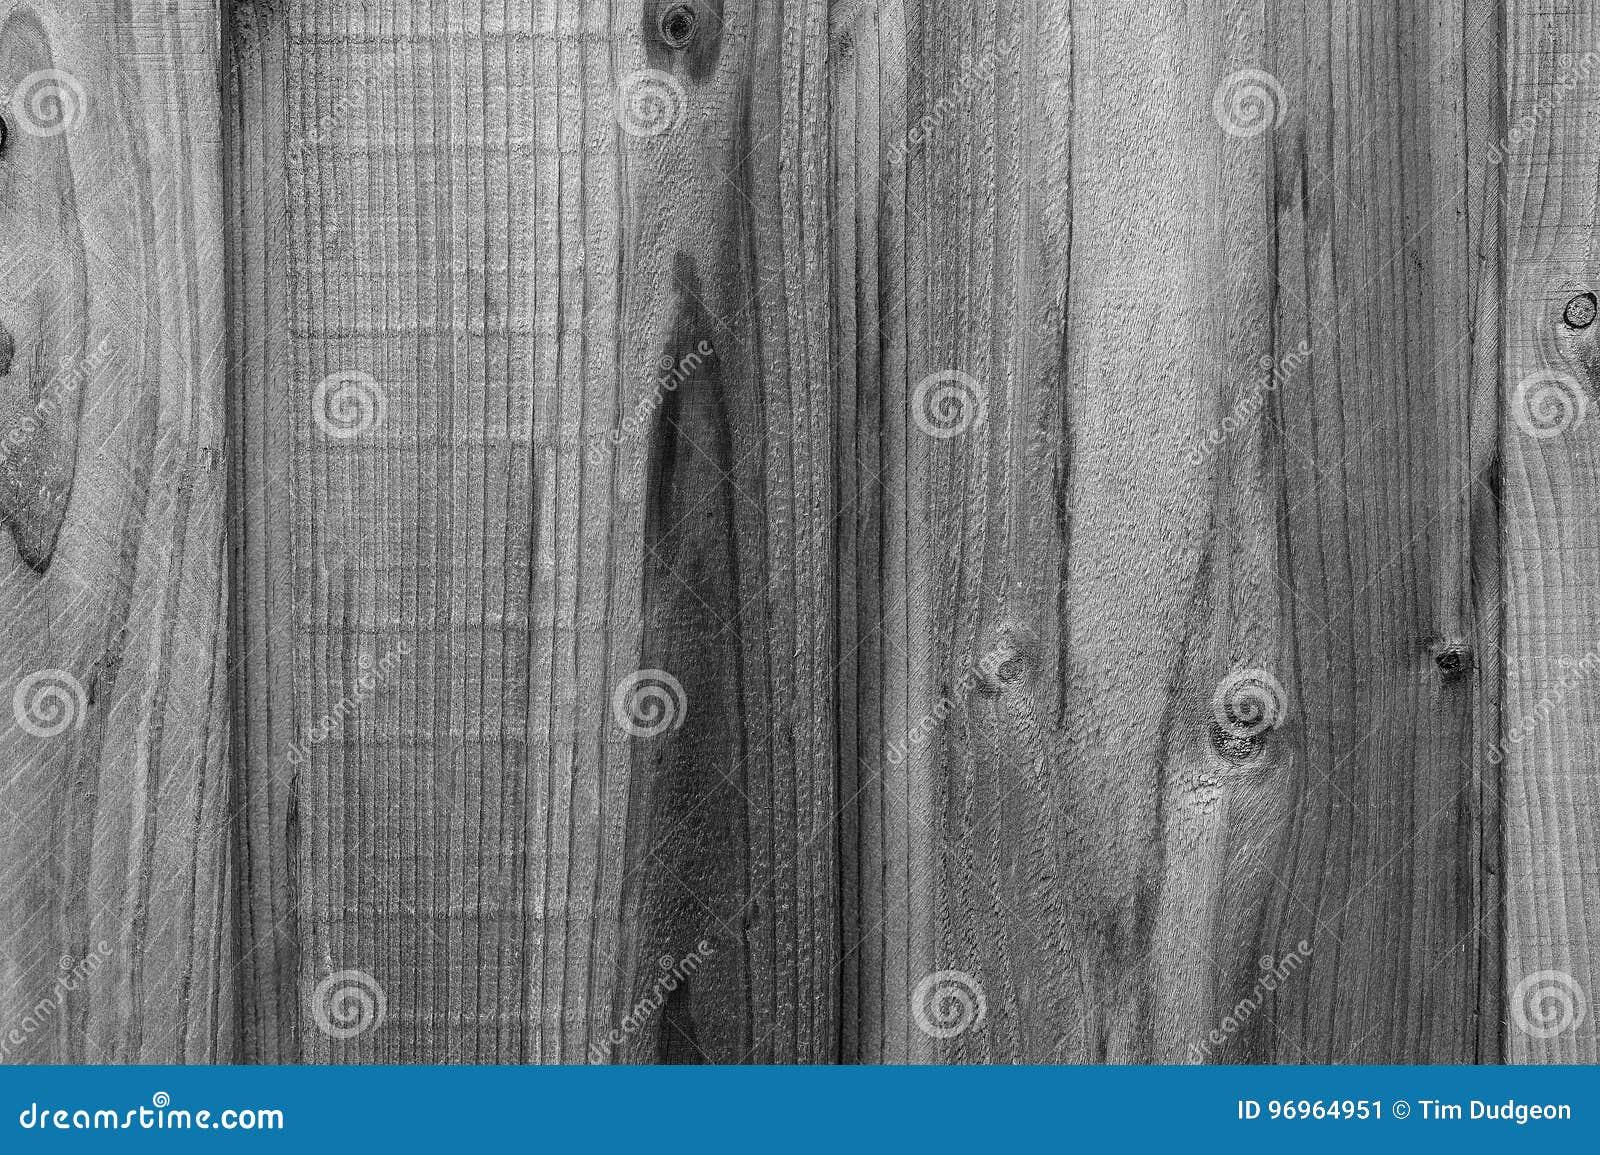 Legno Bianco E Nero : Recinto di legno grain background in bianco e nero immagine stock